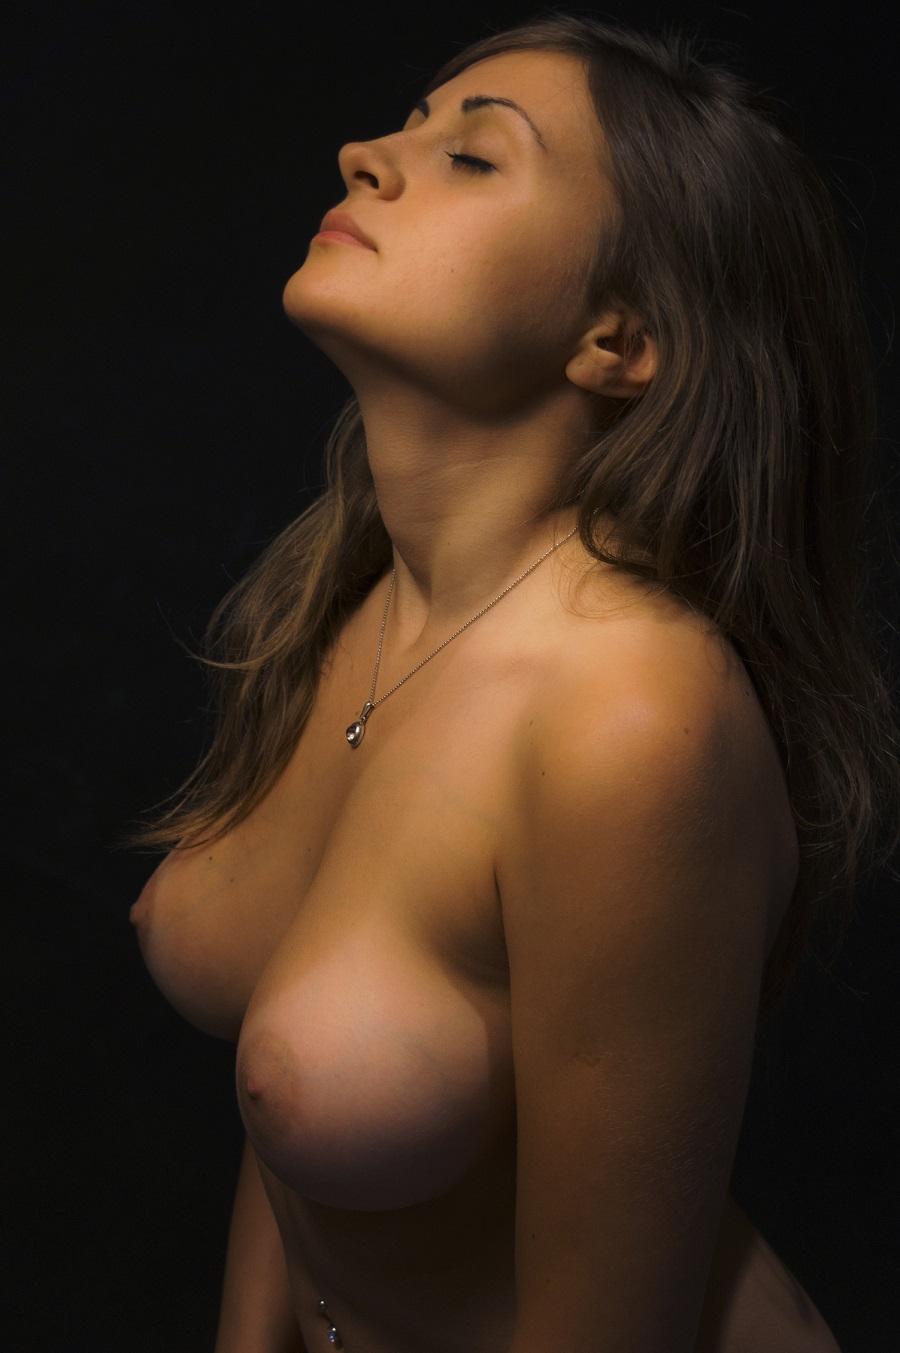 israel-hot-woman-nake